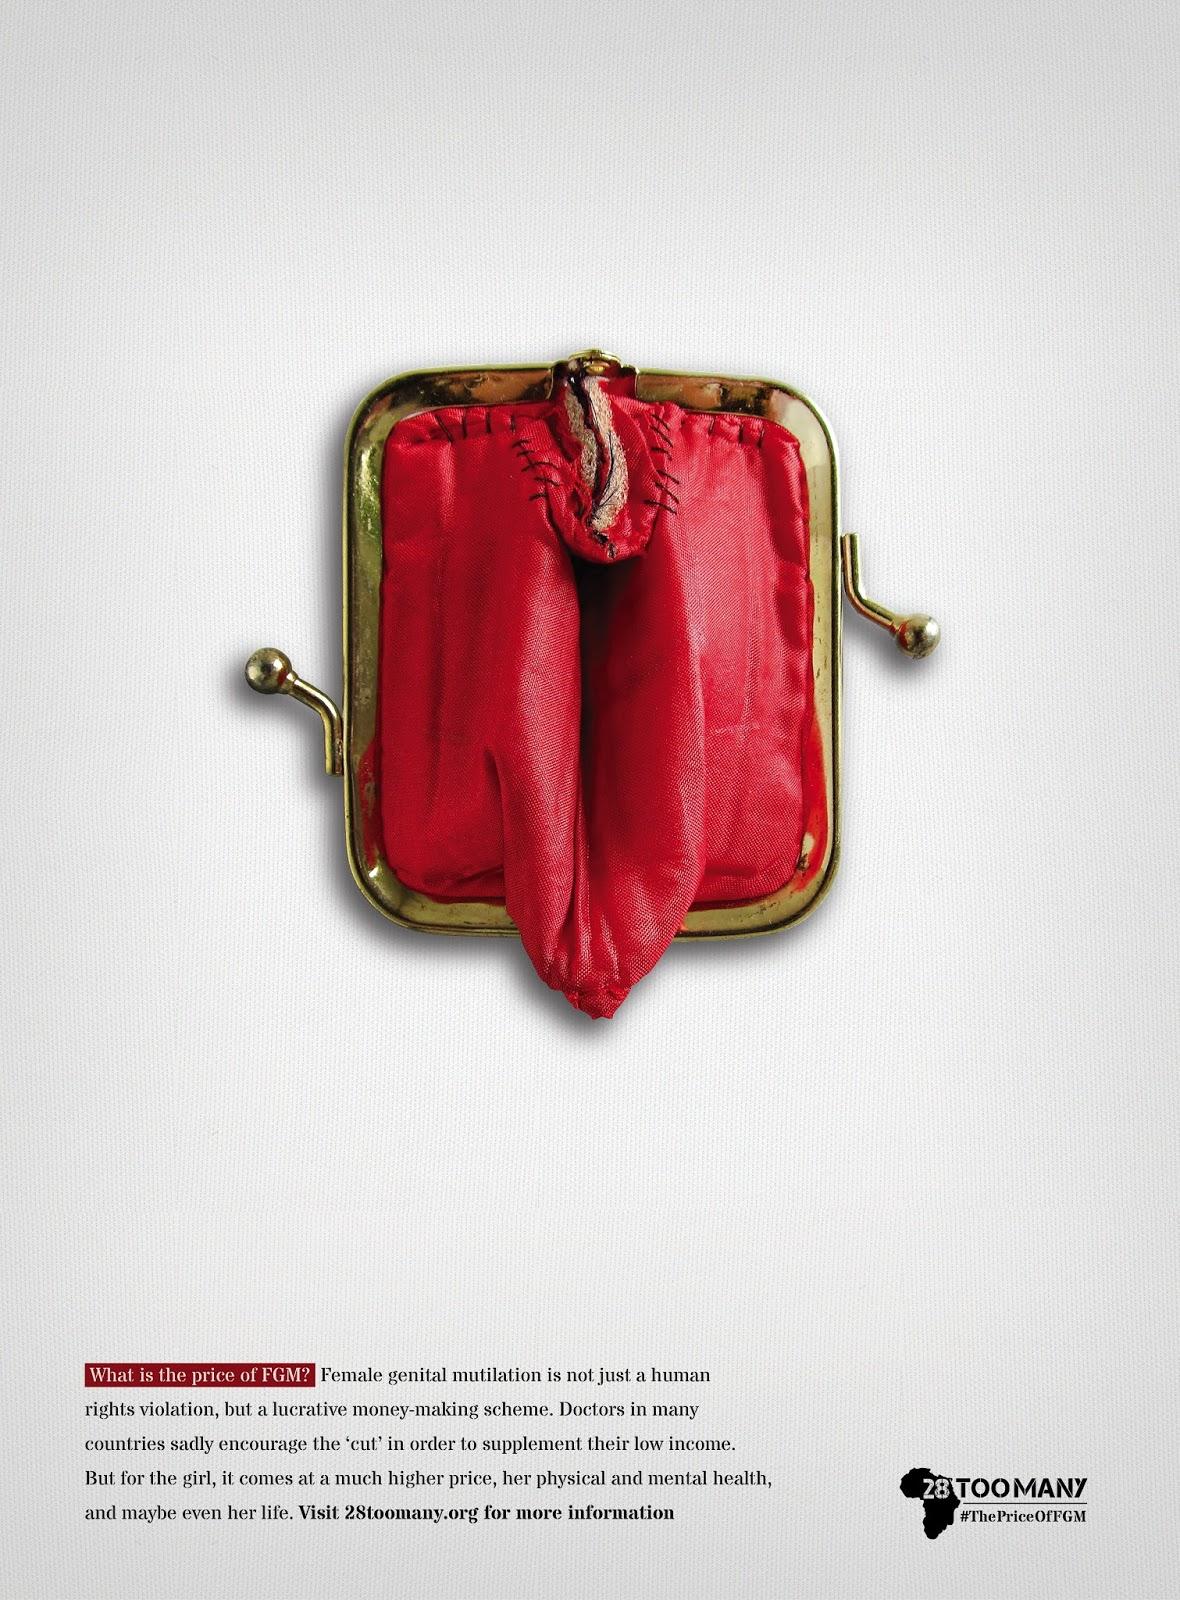 Fuerte-campaña-que-denuncia-la-MGF-gran-problema-poco-conocido-en-el-mundo